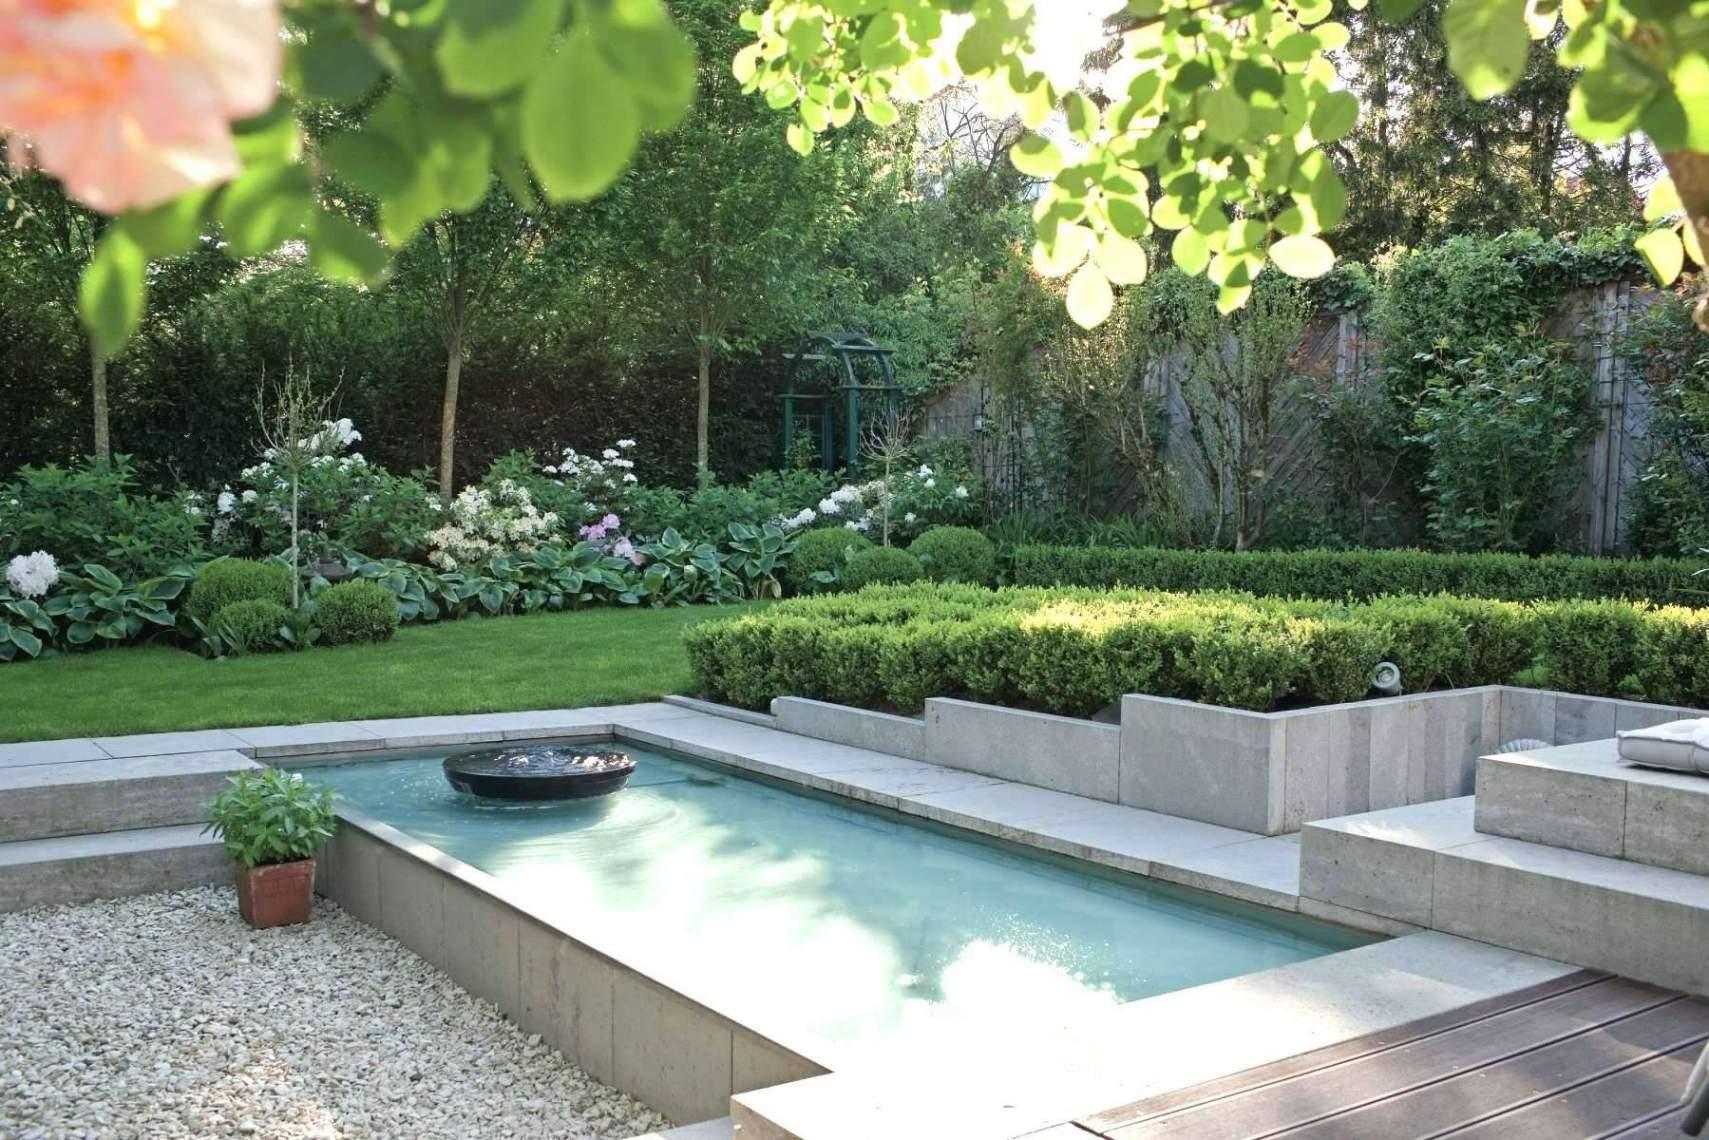 Blickpunkt Garten Das Beste Von Kleiner Reihenhausgarten Gestalten — Temobardz Home Blog